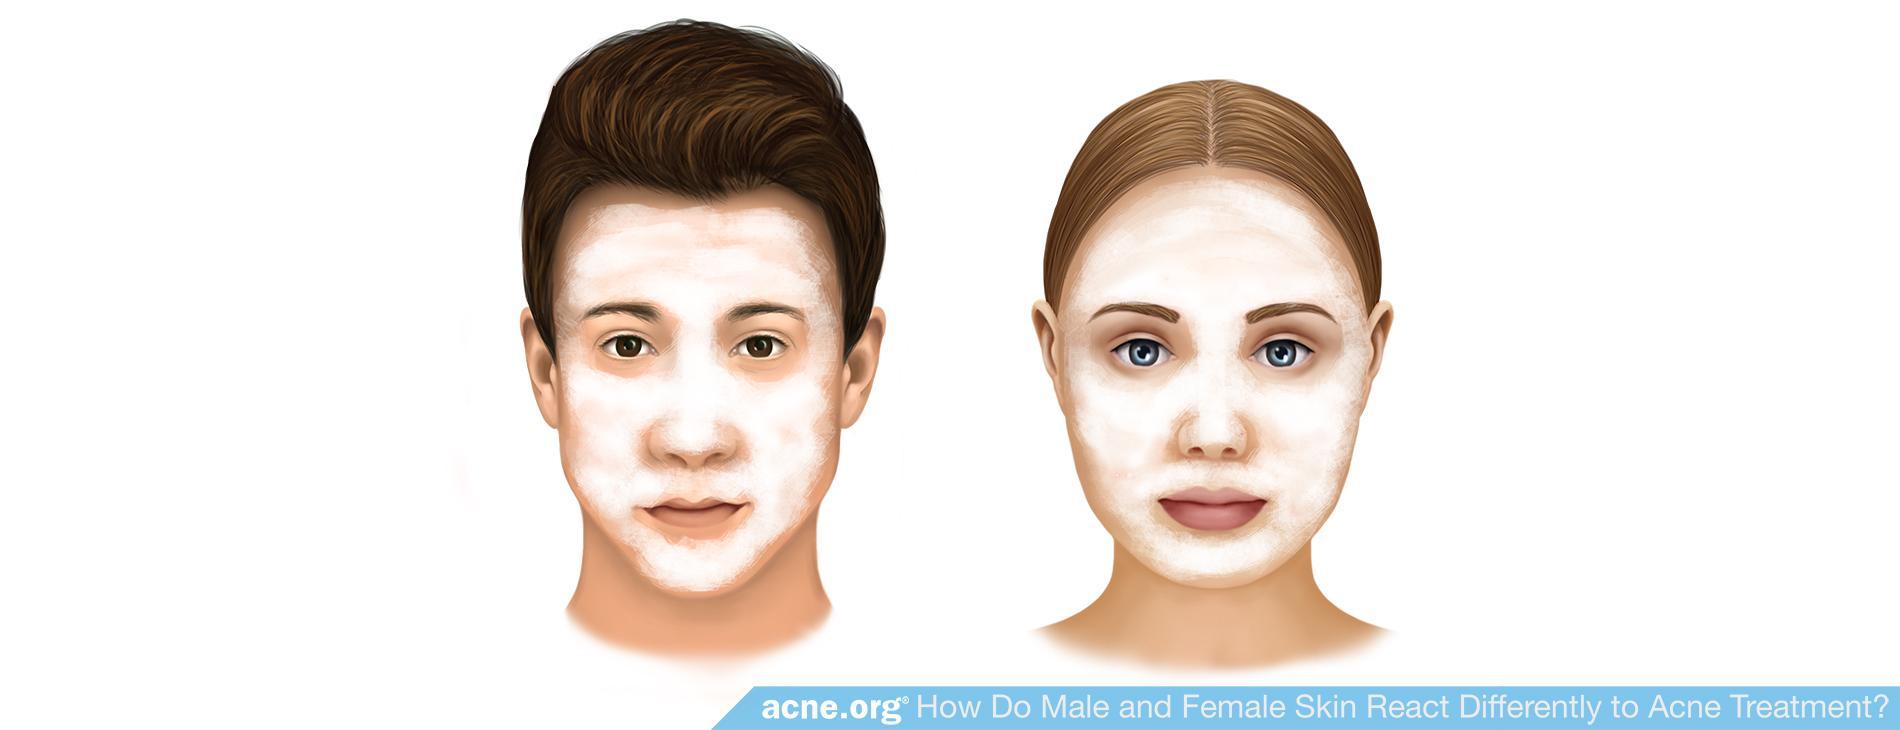 Treating Acne in Male Vs. Female Skin